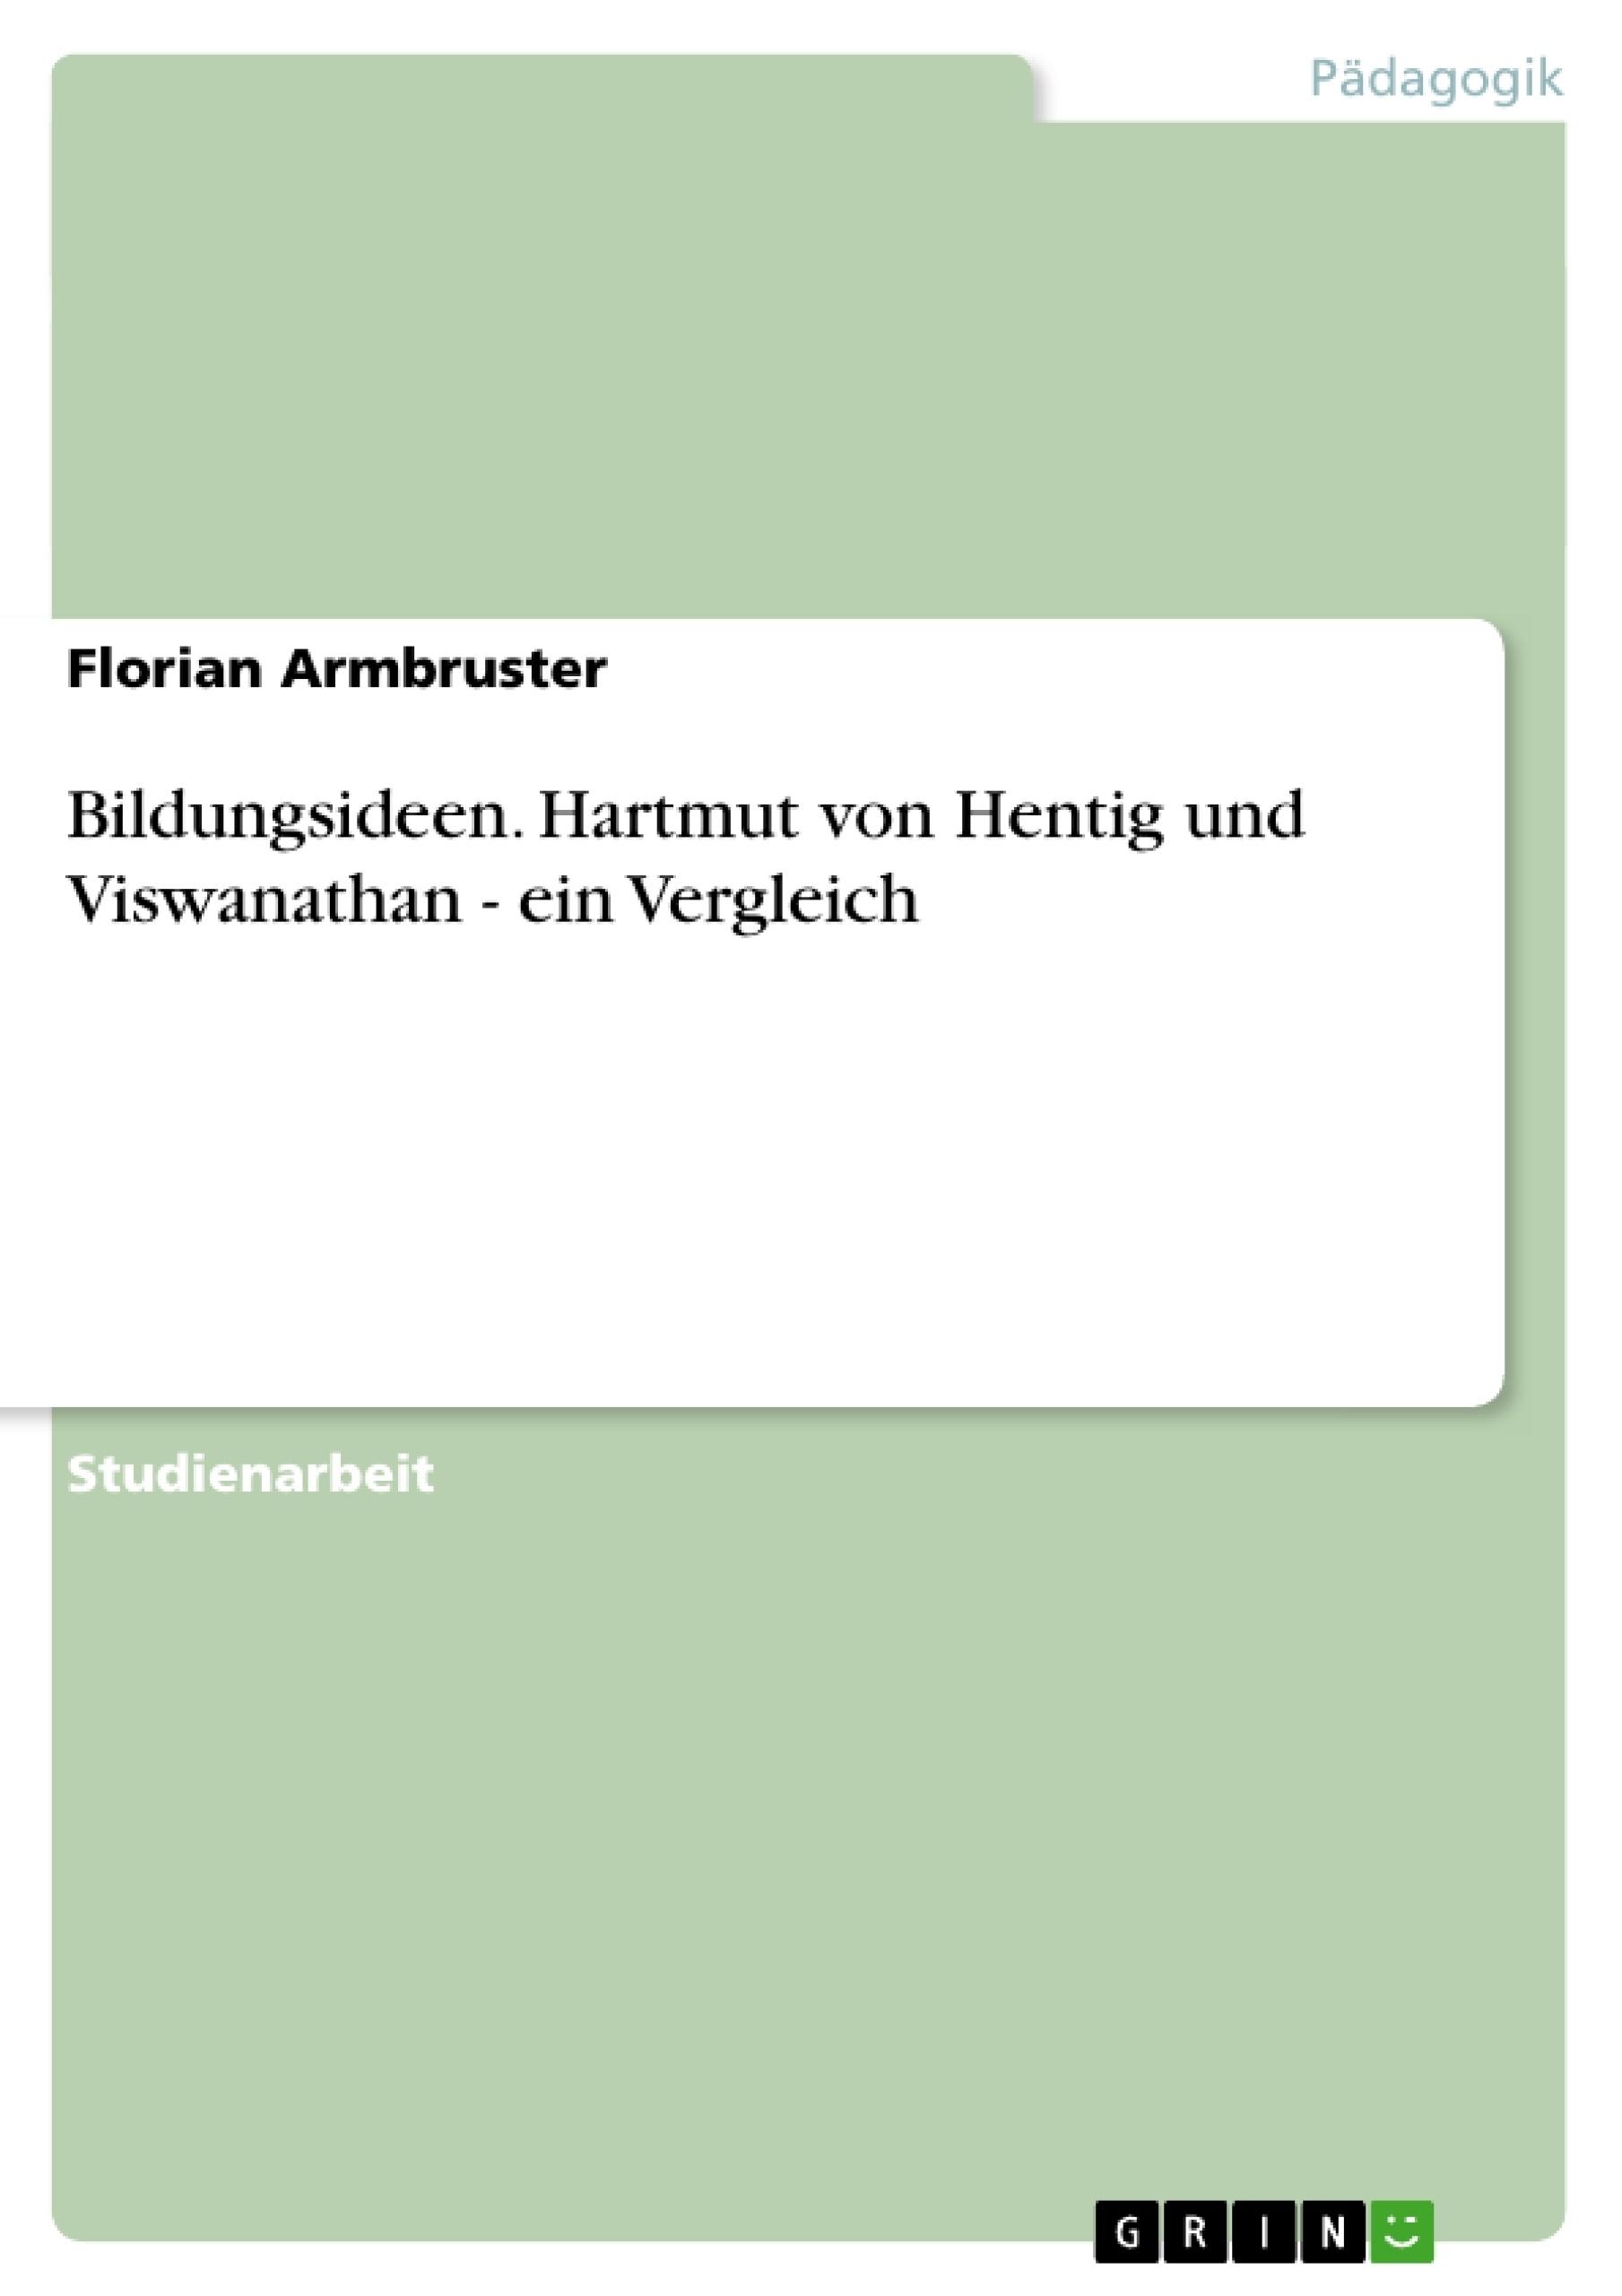 Titel: Bildungsideen. Hartmut von Hentig und Viswanathan - ein Vergleich